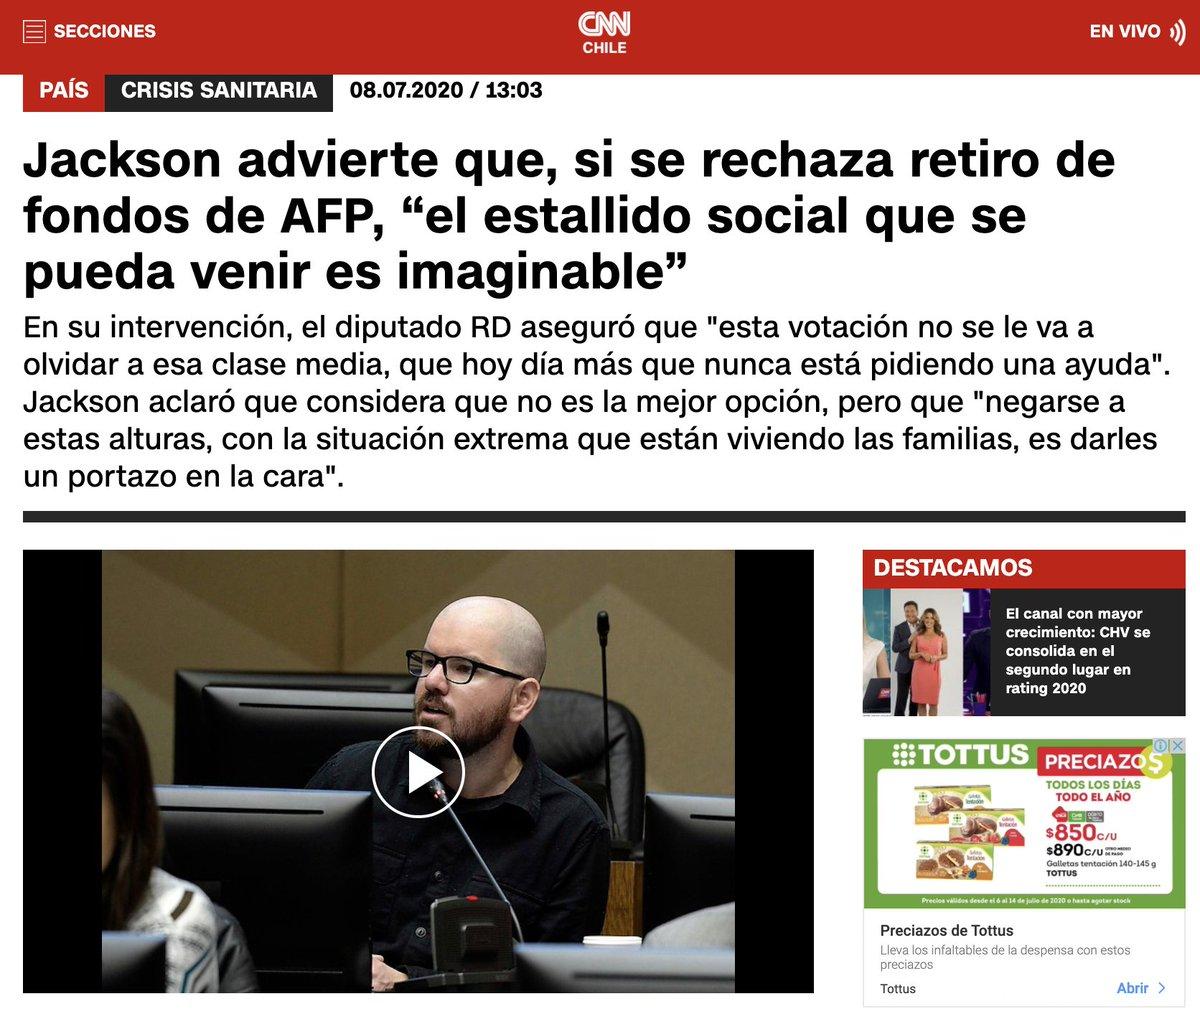 RT @pablolirar: Lo único que quiere el Frente Amplio es destruir el país #RetirodeFondos https://t.co/X8McdBgk0F